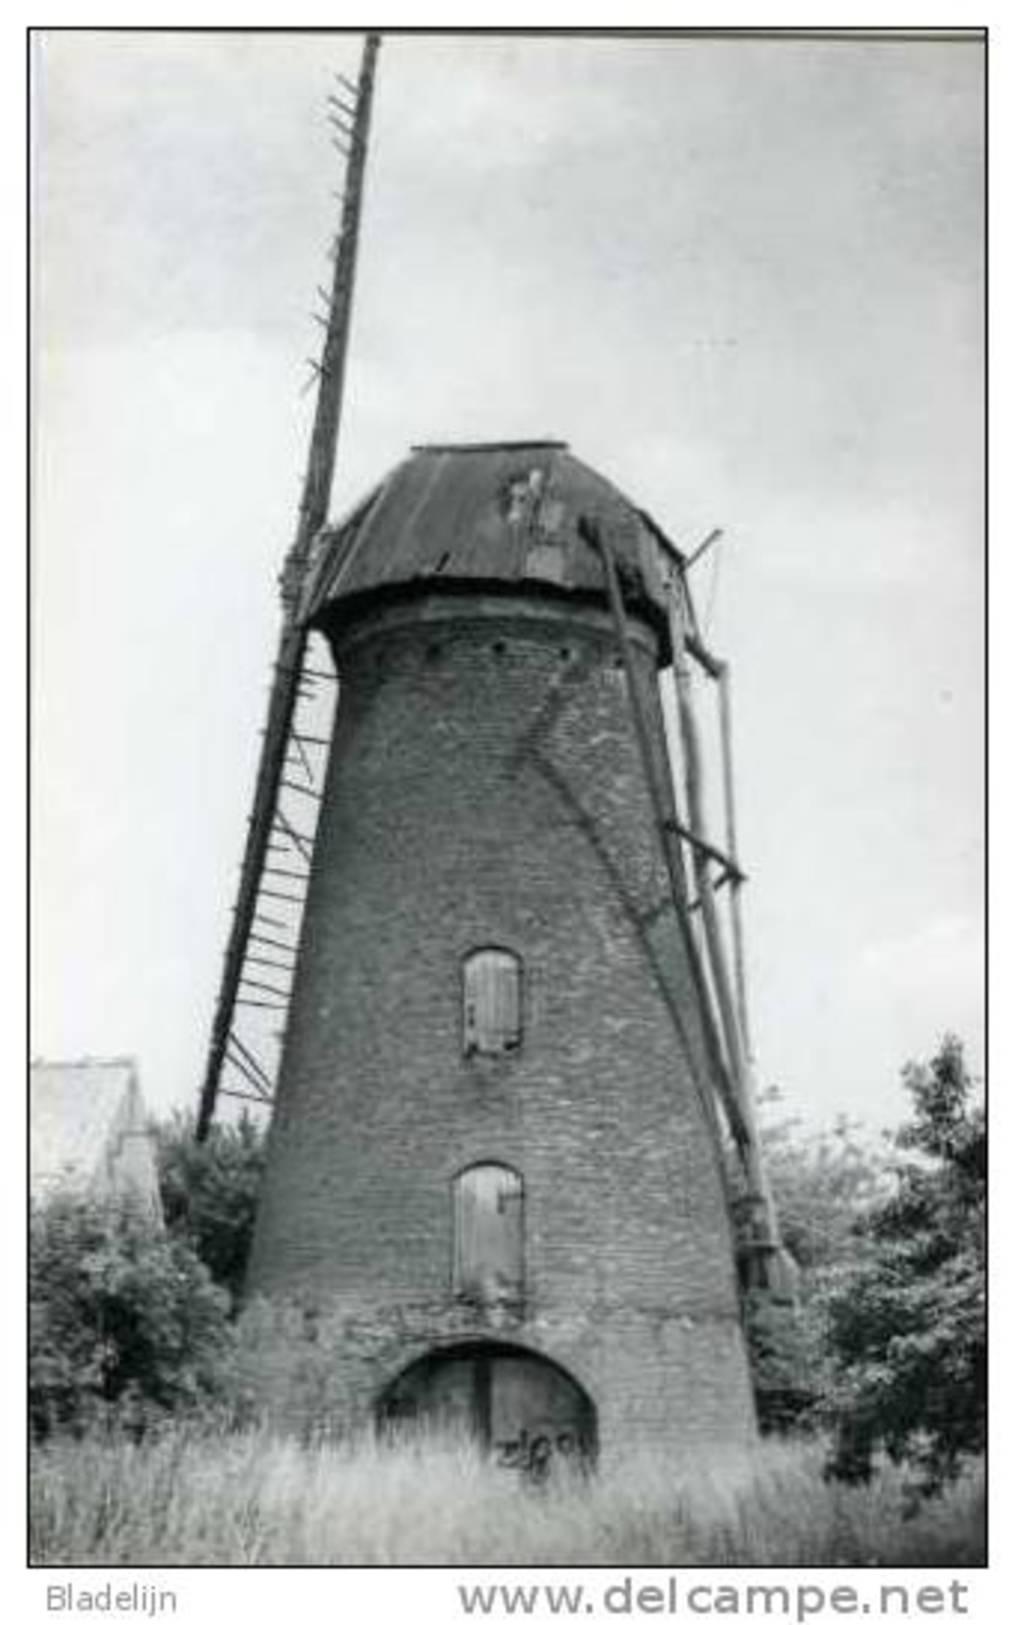 BERENDRECHT (Prov. Antwerpen) - Molen/moulin - De Buitenmolen In Verval Met Twee Wieken Voor De Restauratie (1987) - Antwerpen